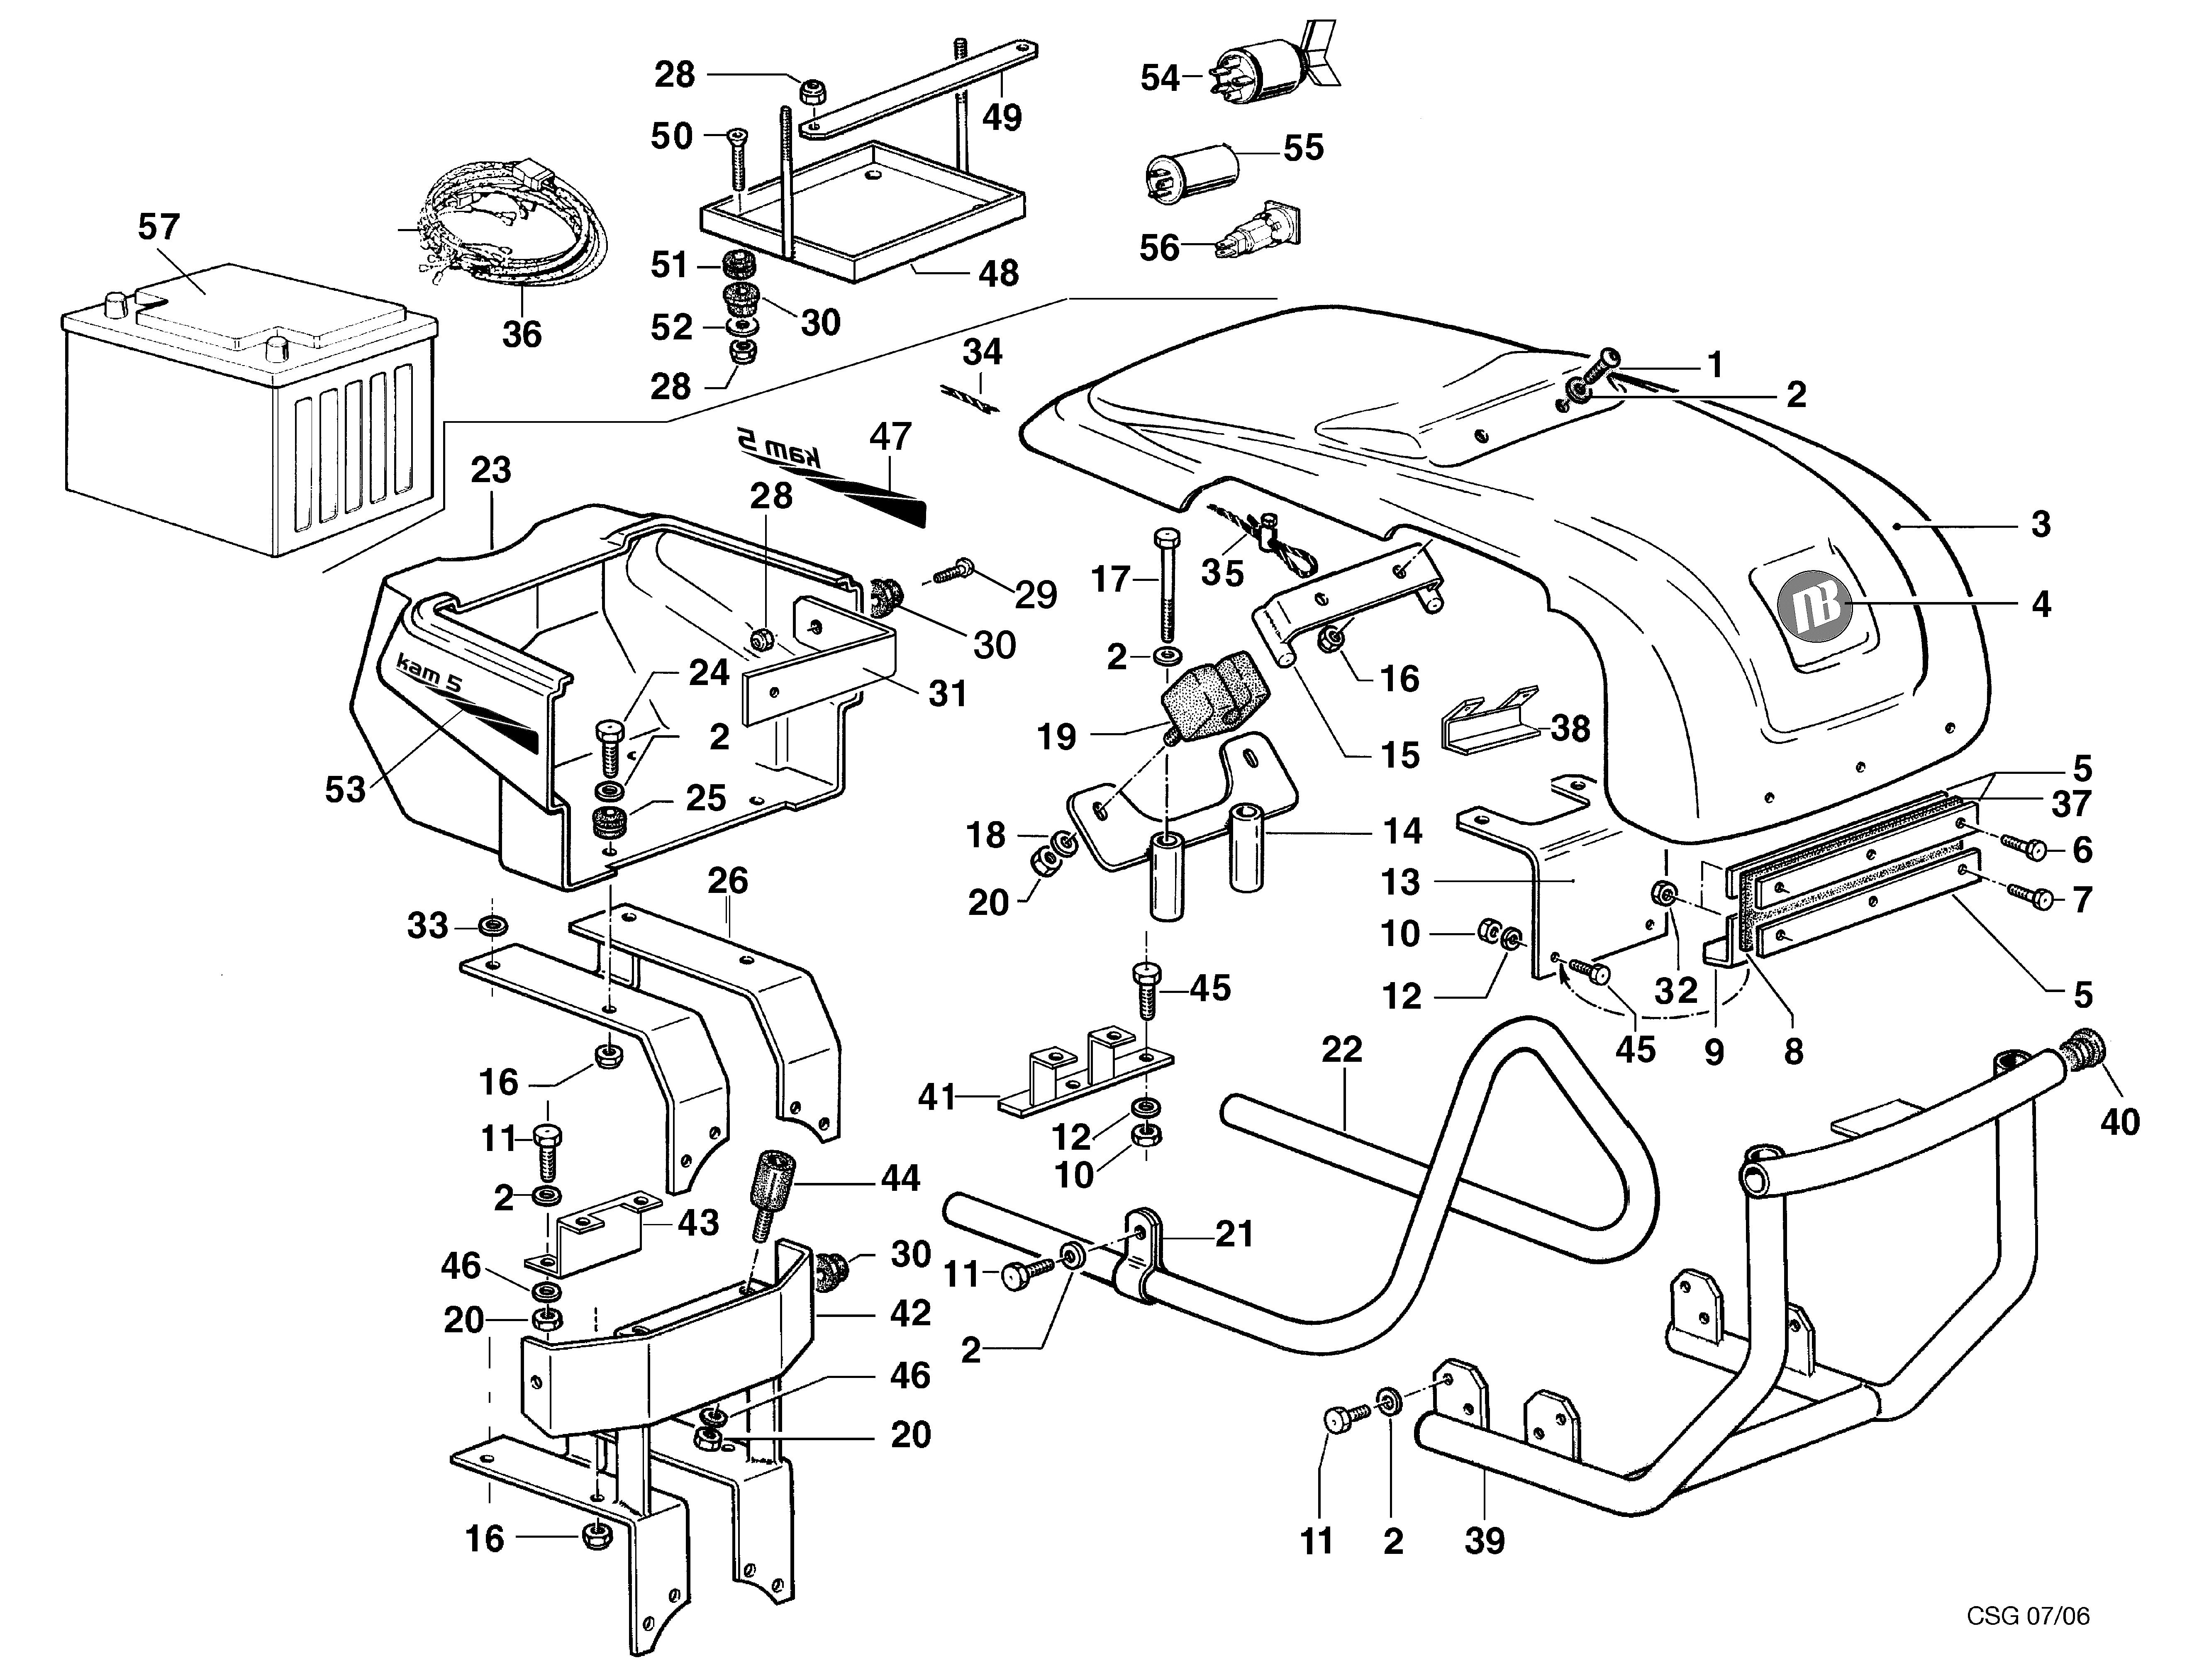 KAM 5 (jusqu'en 2012) Motoculteur OLEOMAC NIBBI vue éclatée  Dessins pièces - Coffre